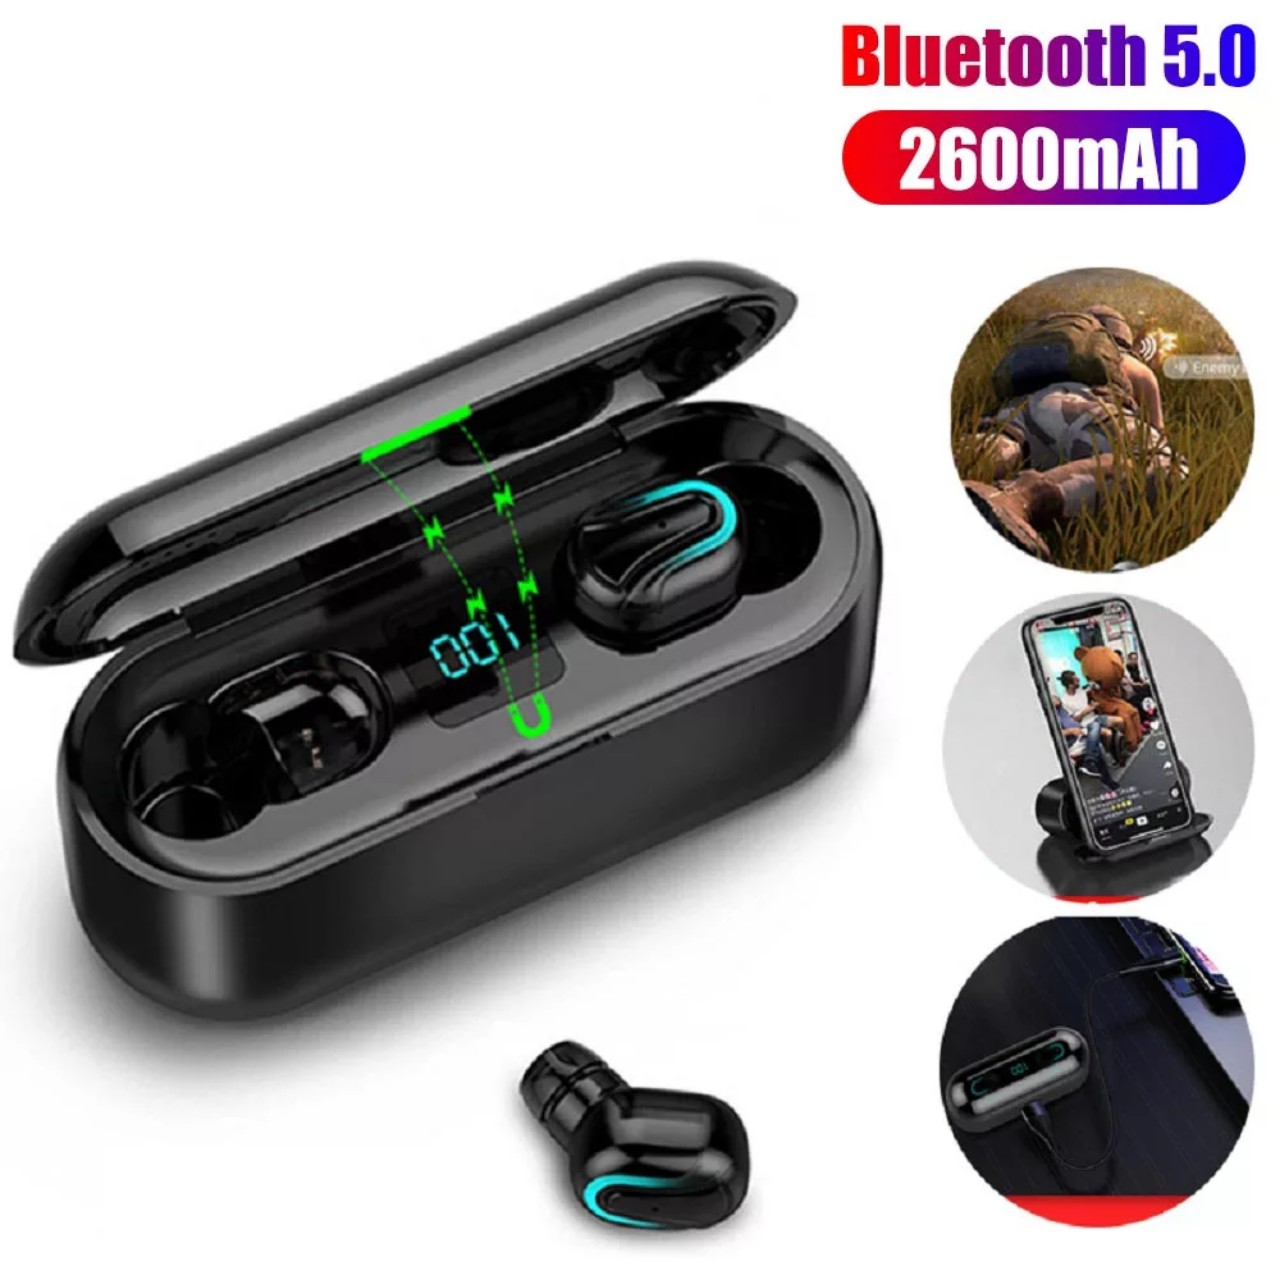 Tai nghe bluetooth Q32 - 1 phiên bản mới năng cấp ( hàng nhập khẩu )